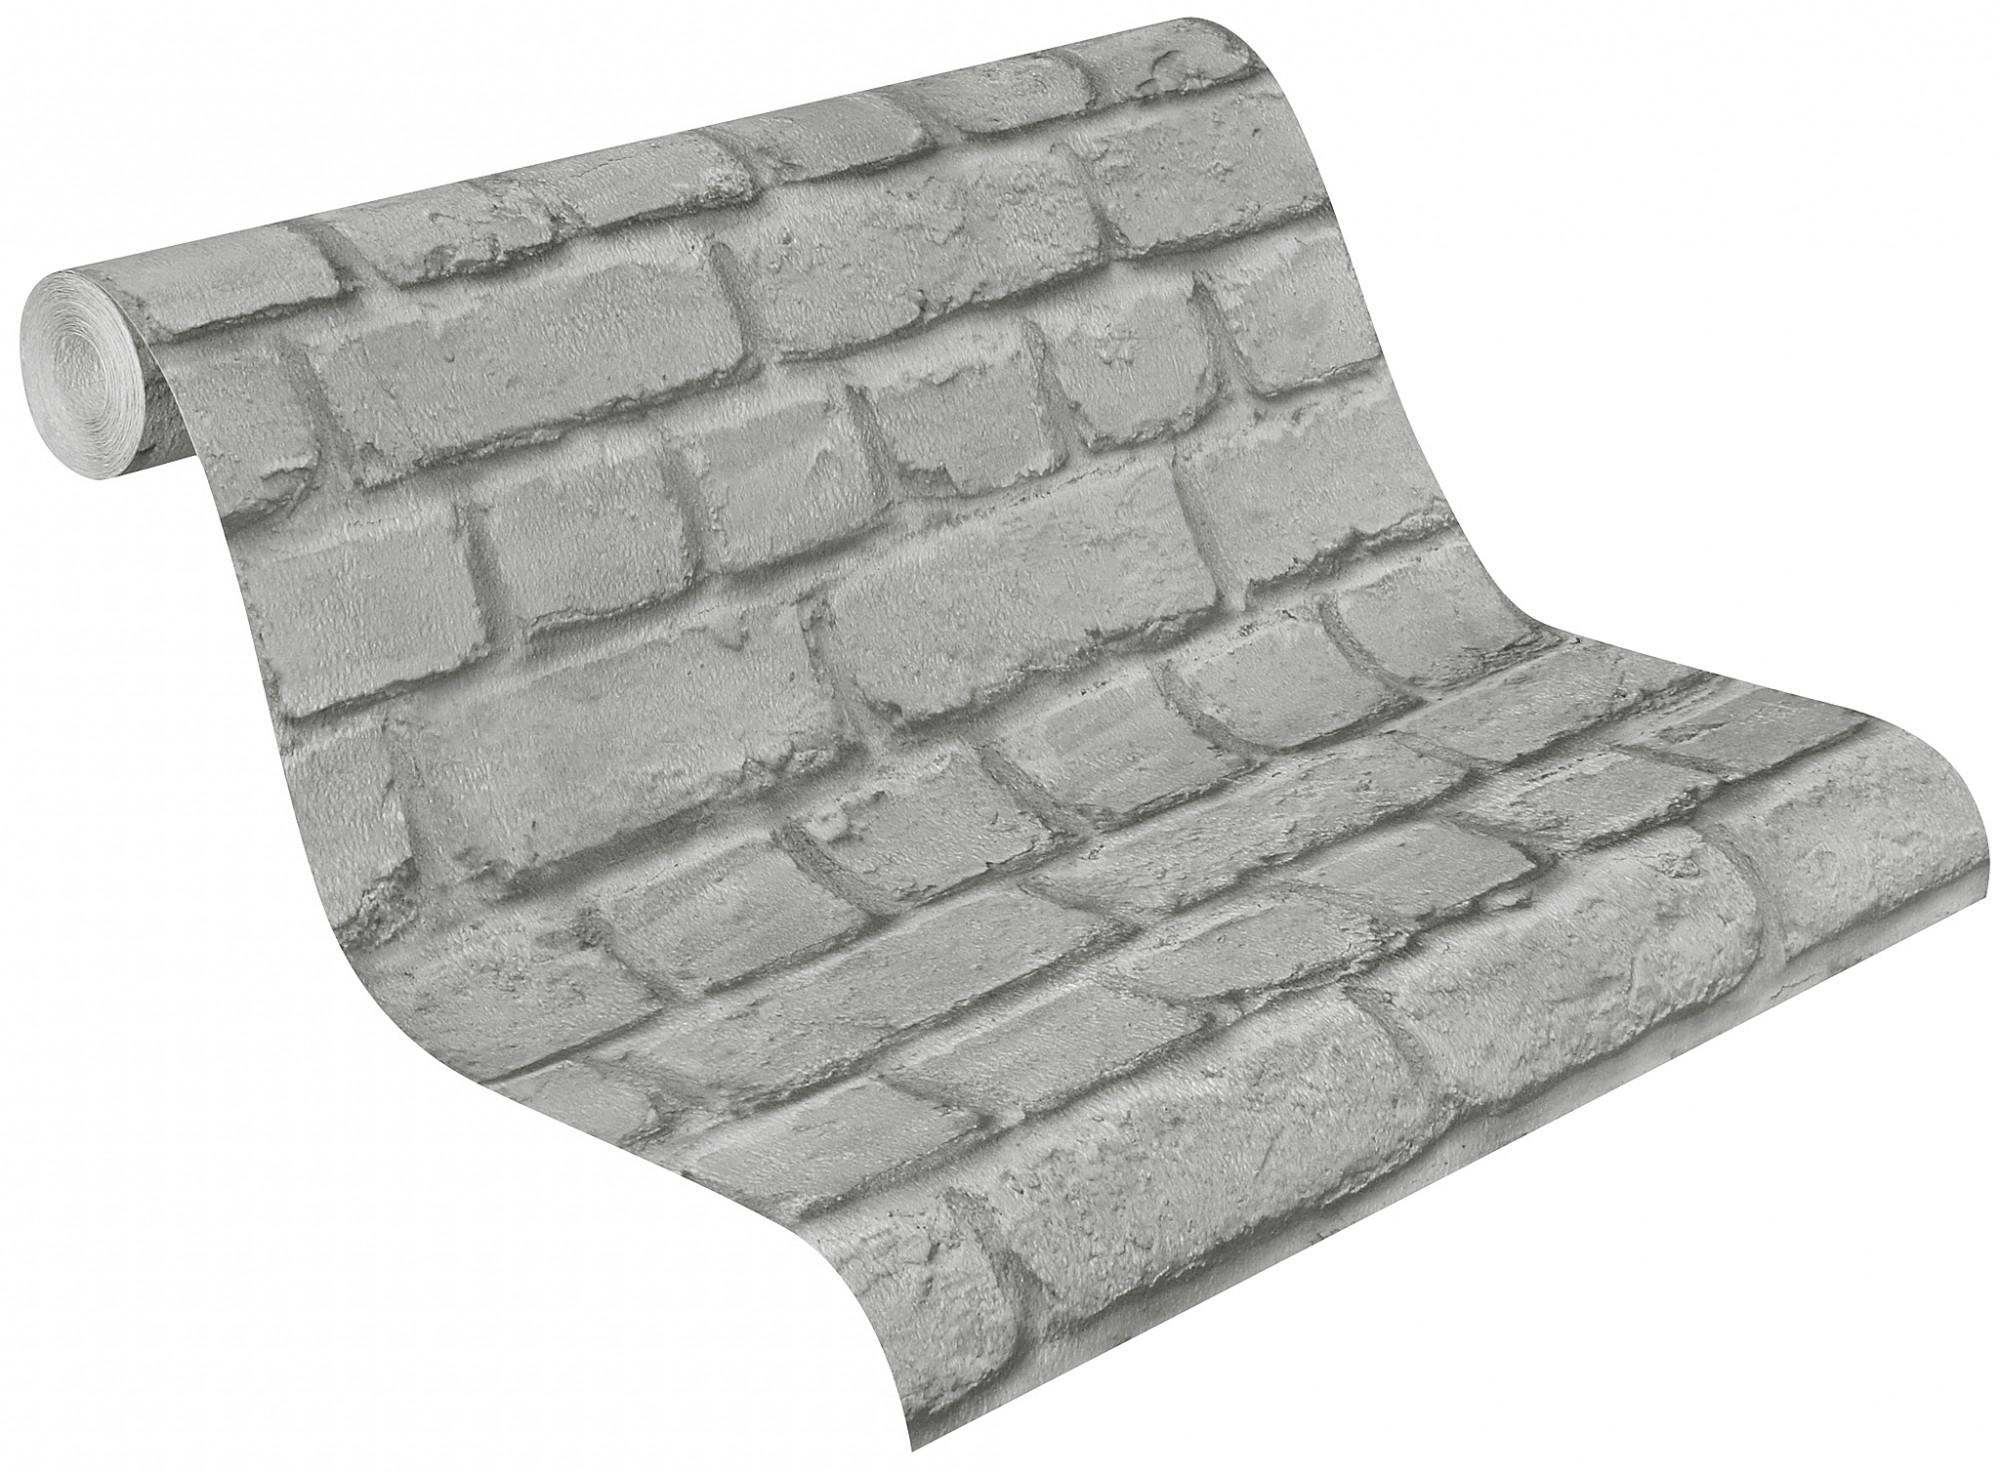 tapete rasch 226720 steine grau steintapete. Black Bedroom Furniture Sets. Home Design Ideas